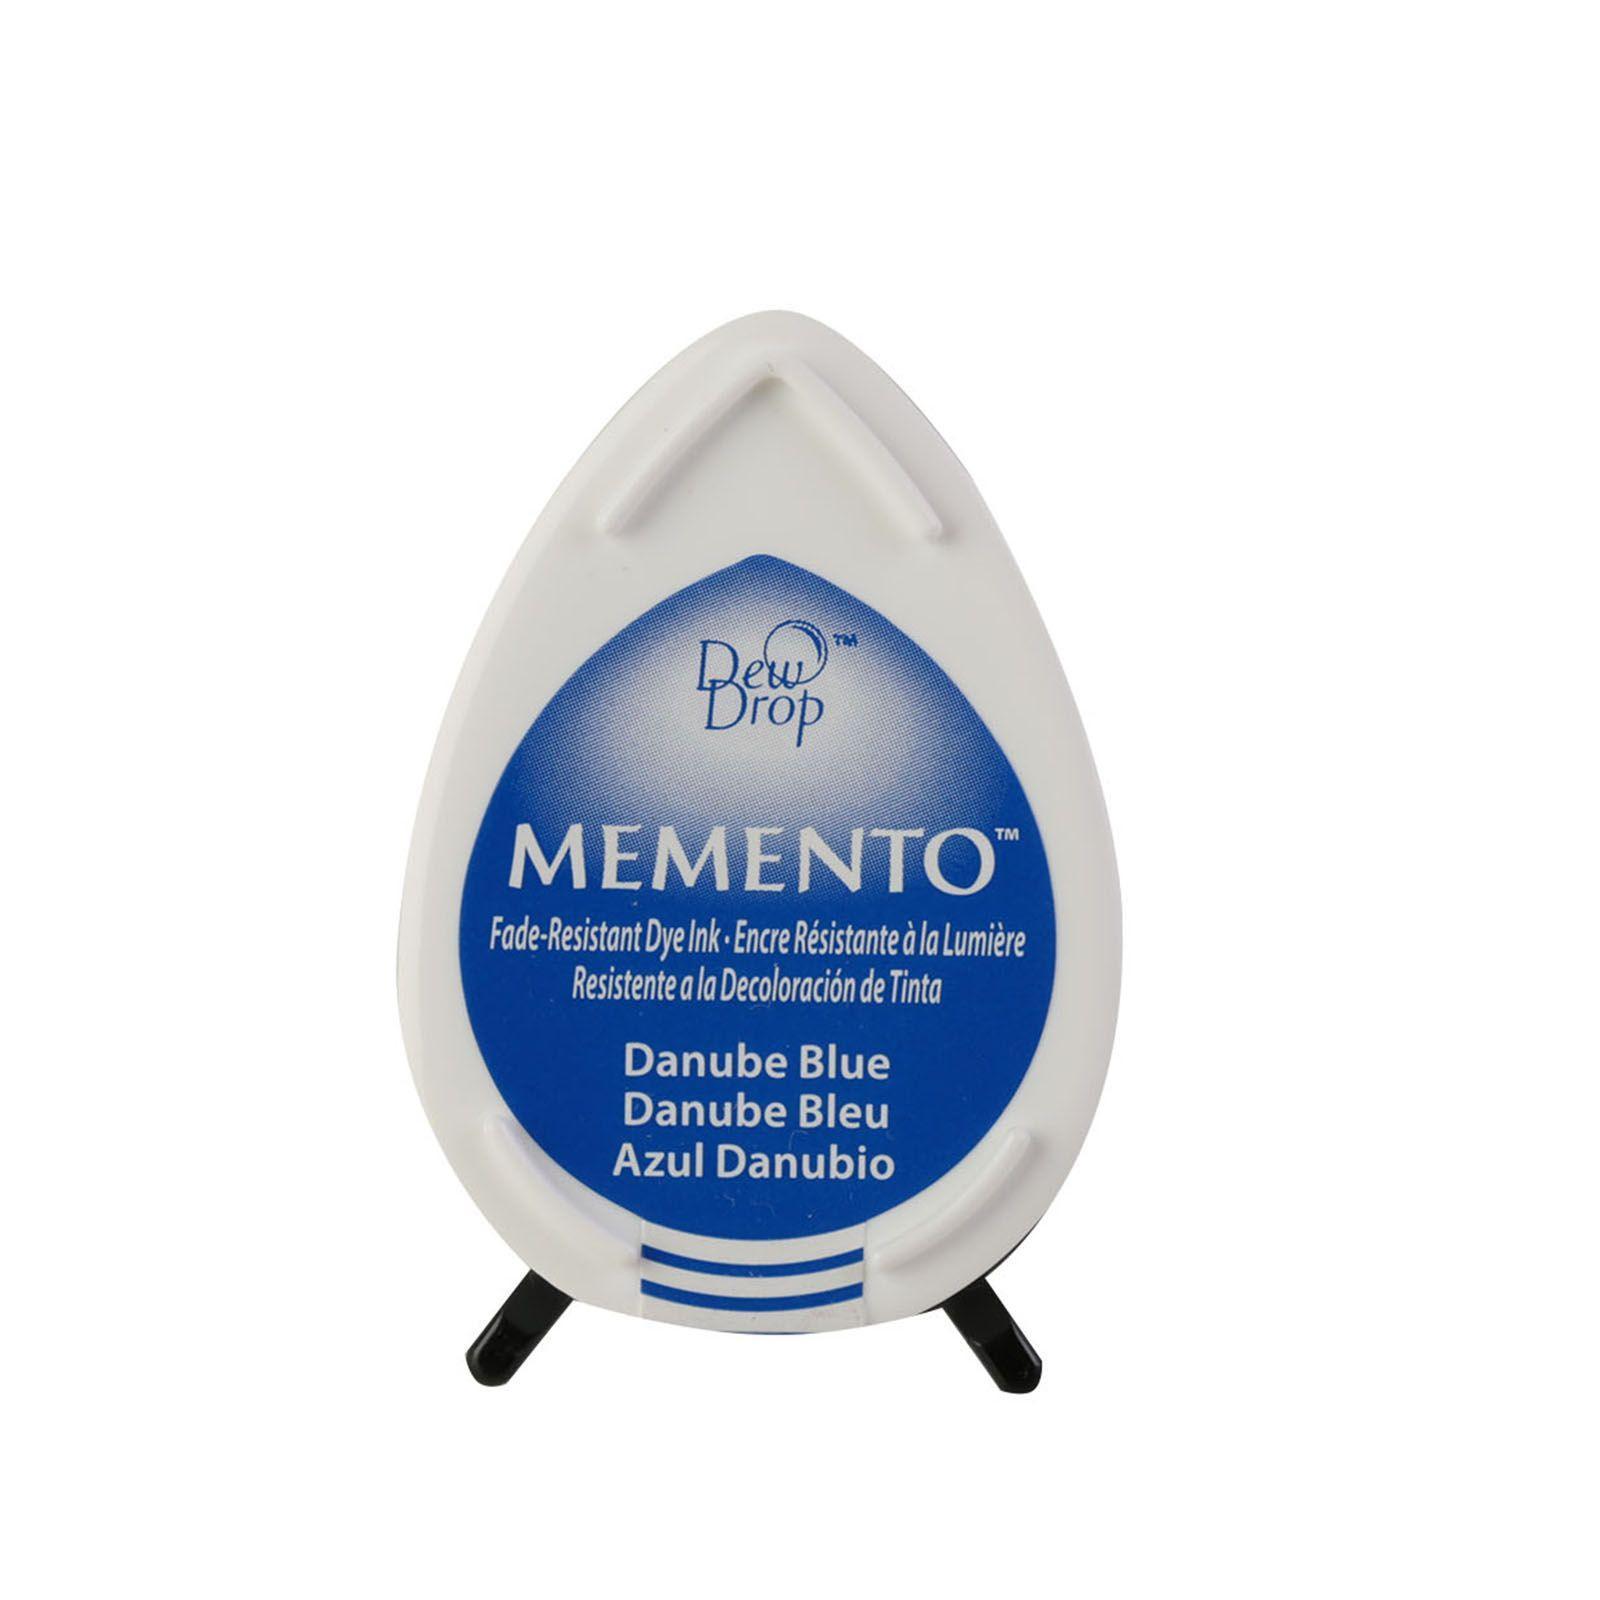 memento-dew-drop-tinta